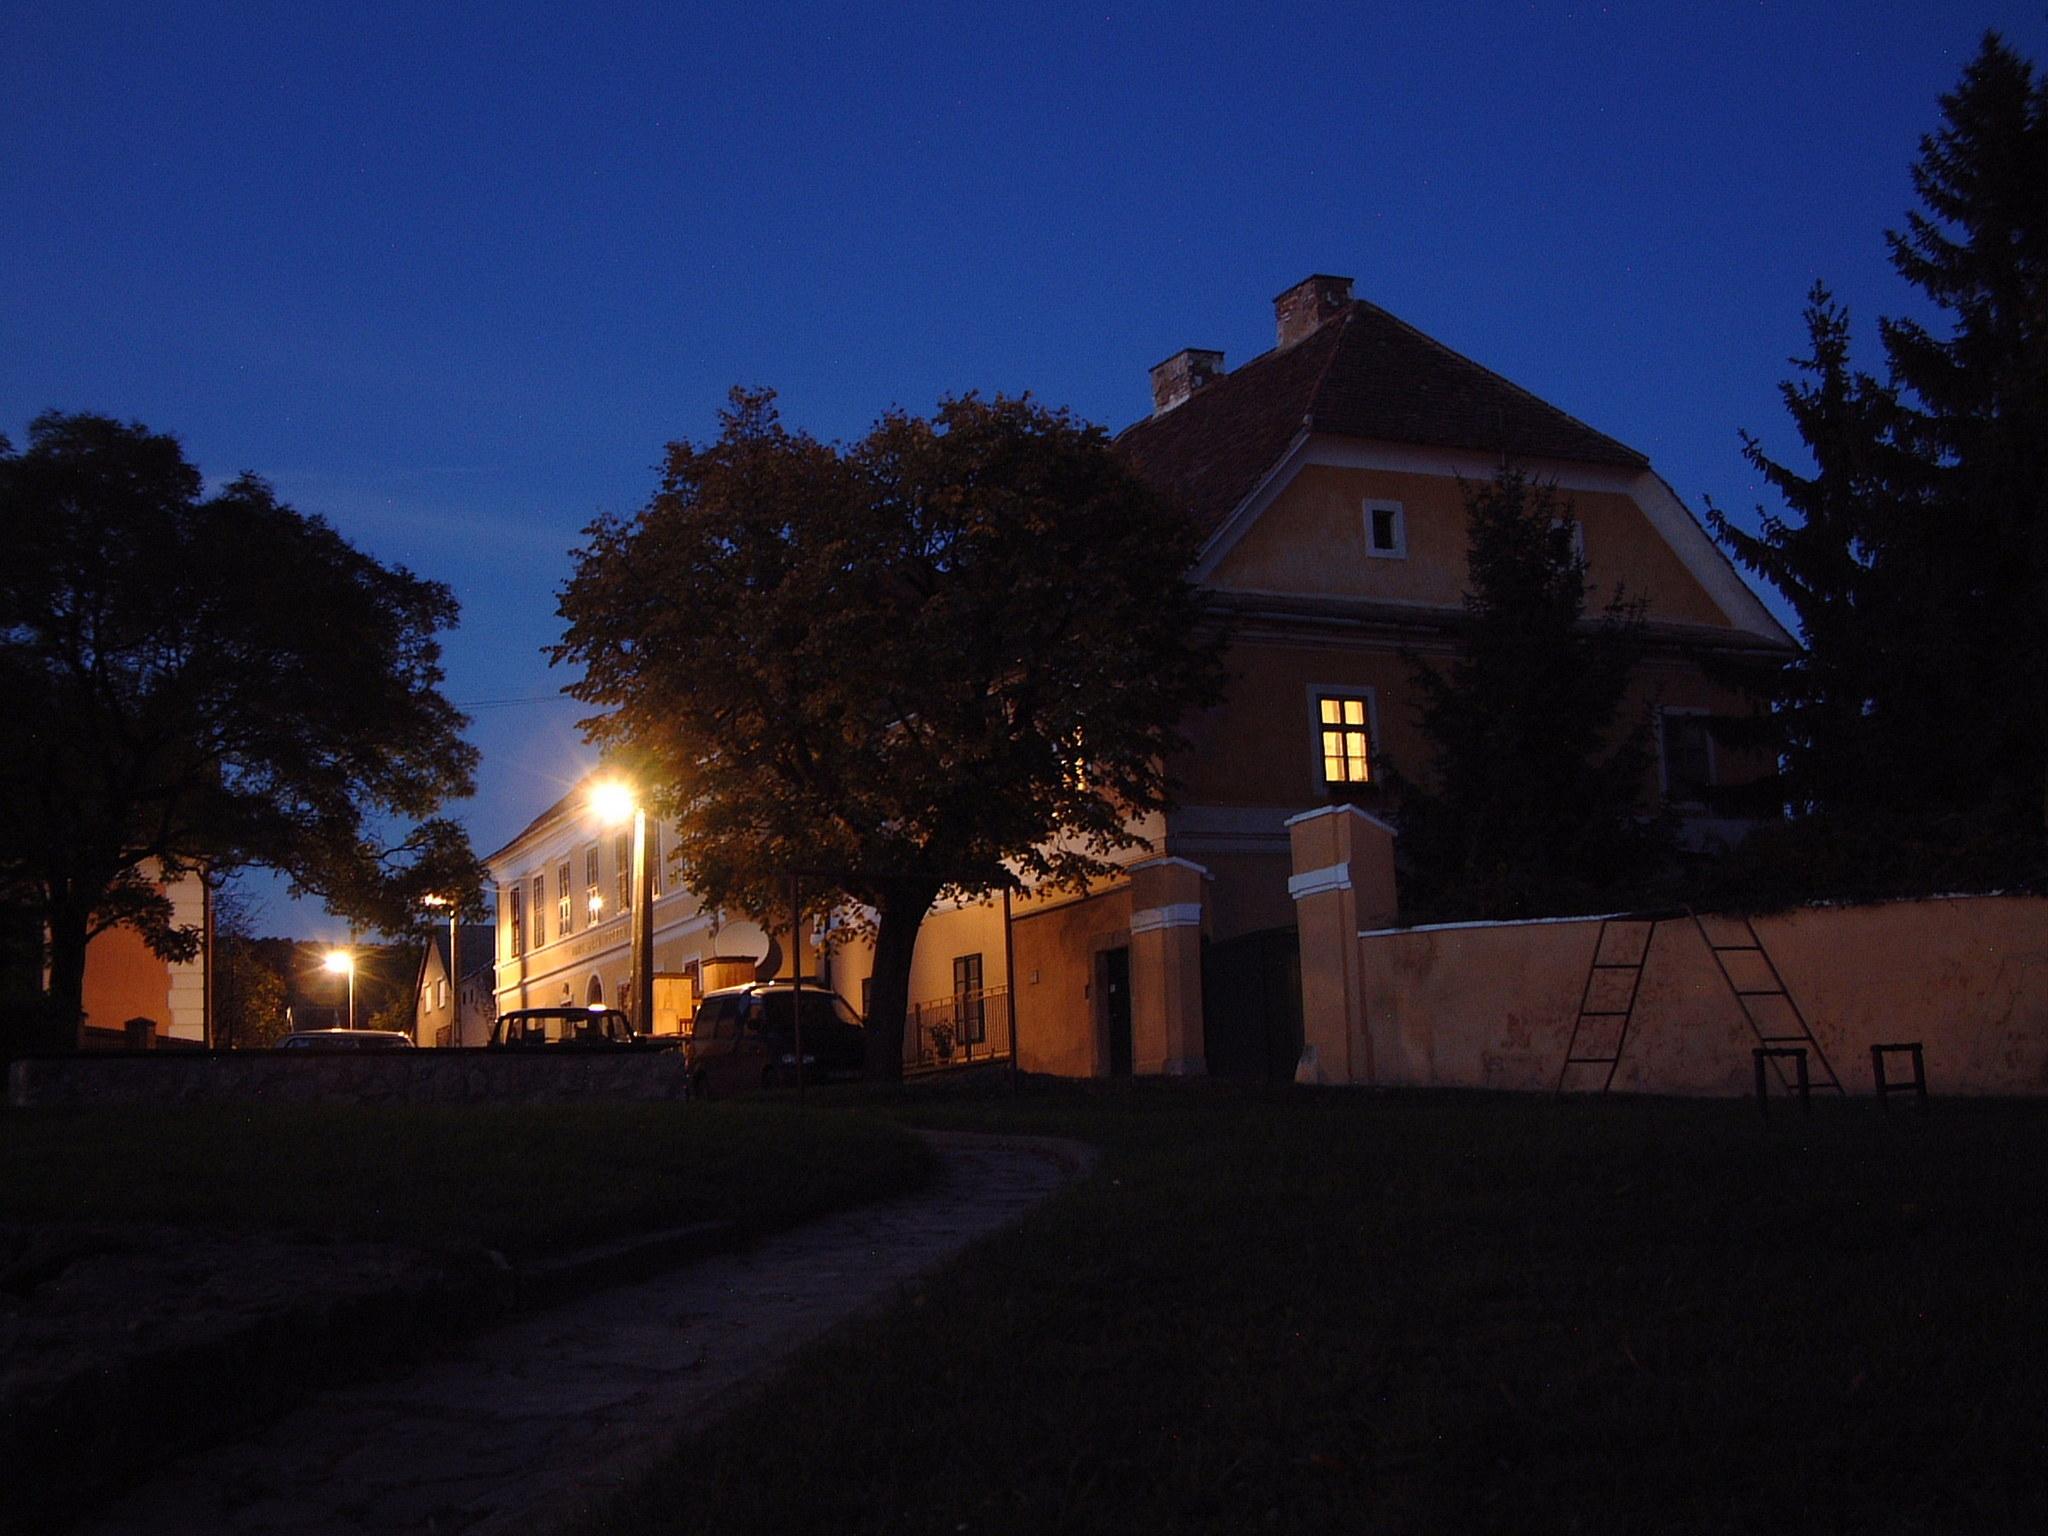 Éjszakai városrészlet